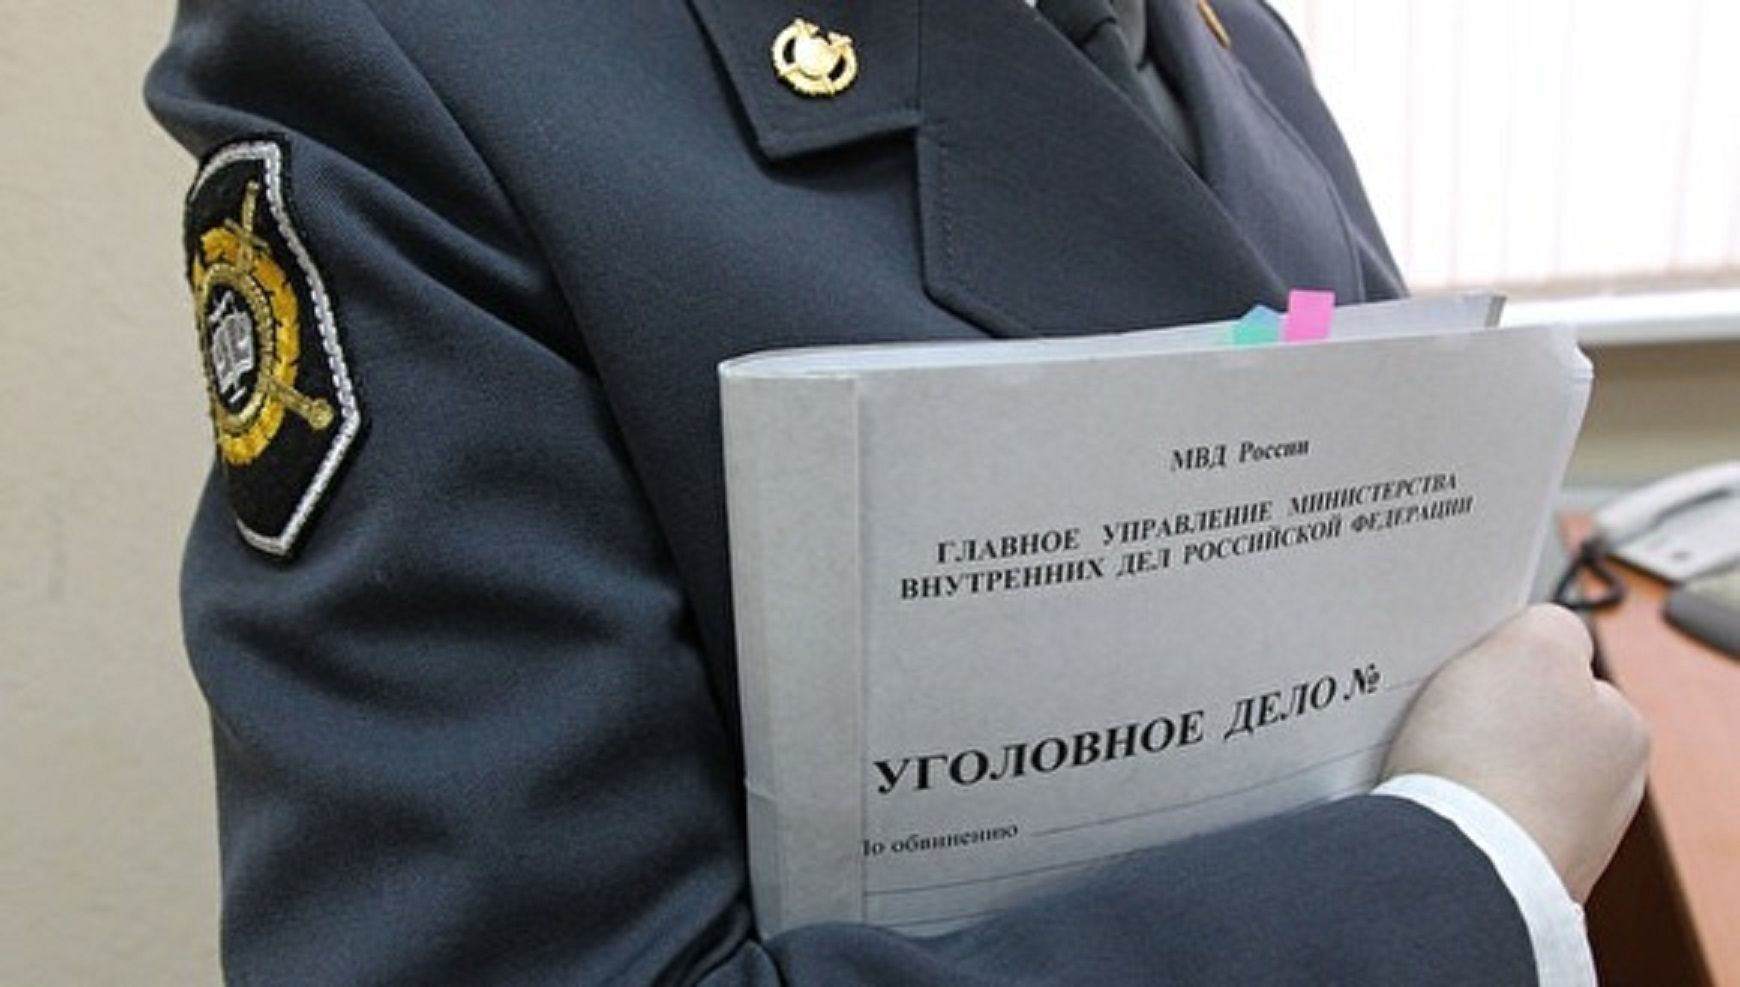 На Ставрополье начальник отряда отдела по воспитательной работе с осуждёнными подозревается в получении взятки